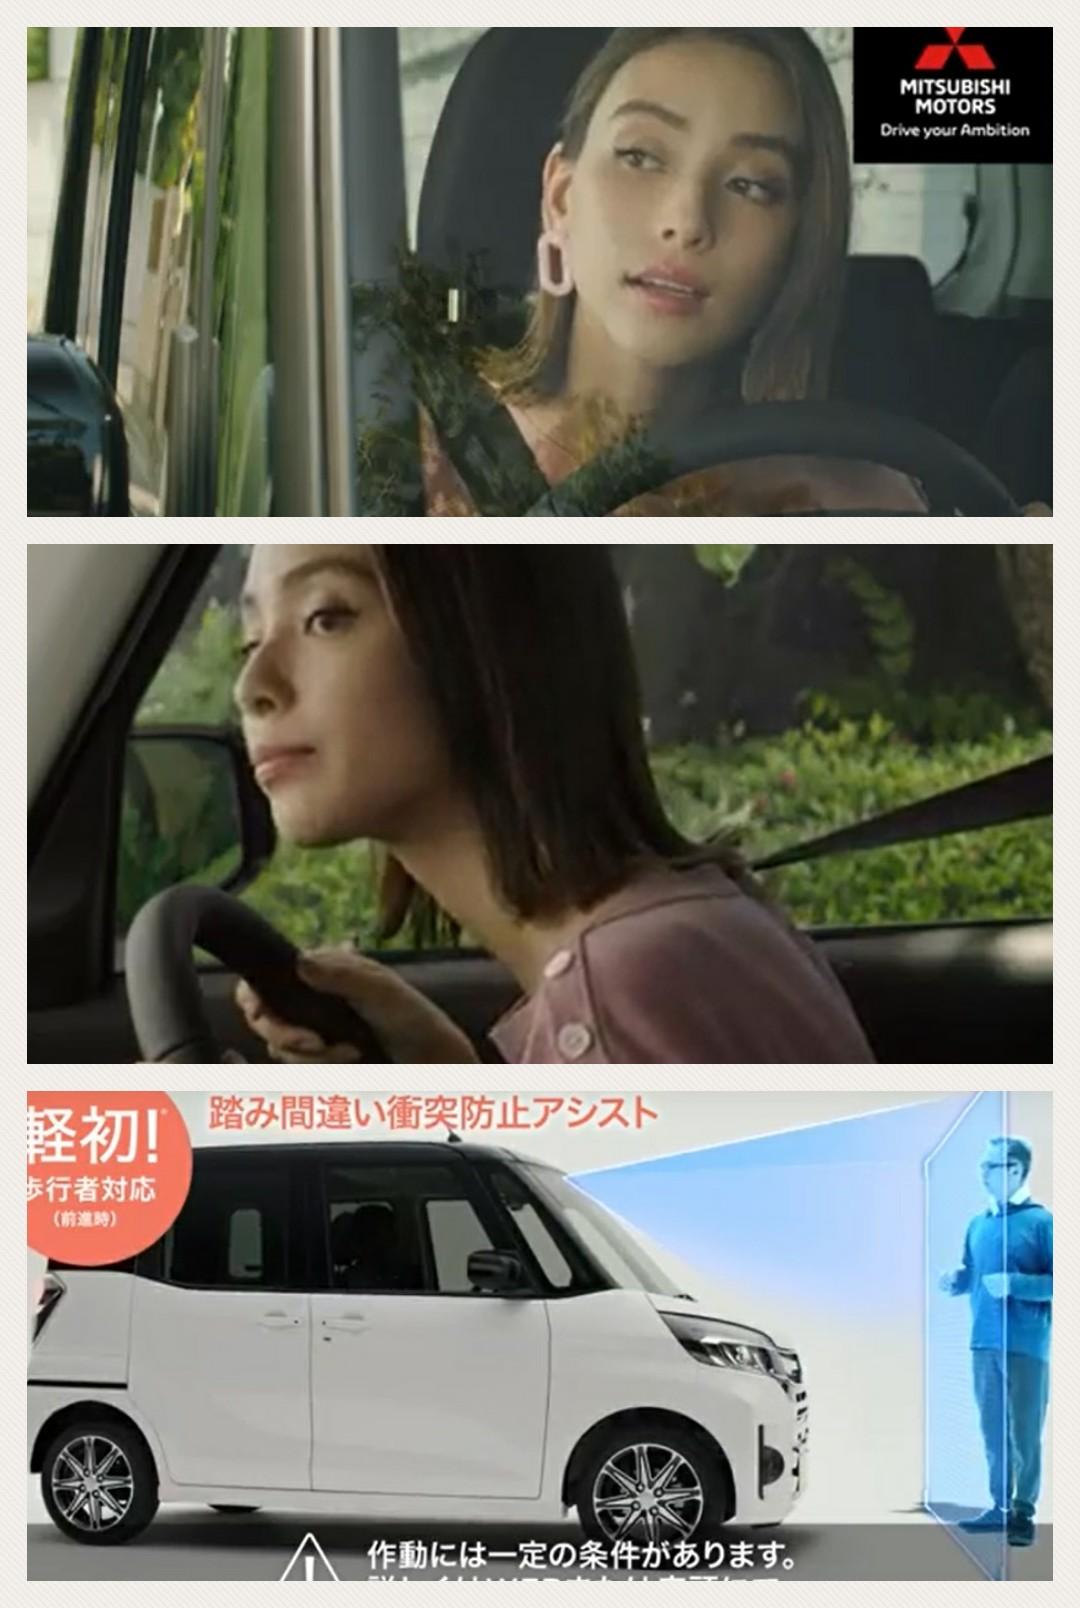 三菱ekカレンさん 軽自動車 cm